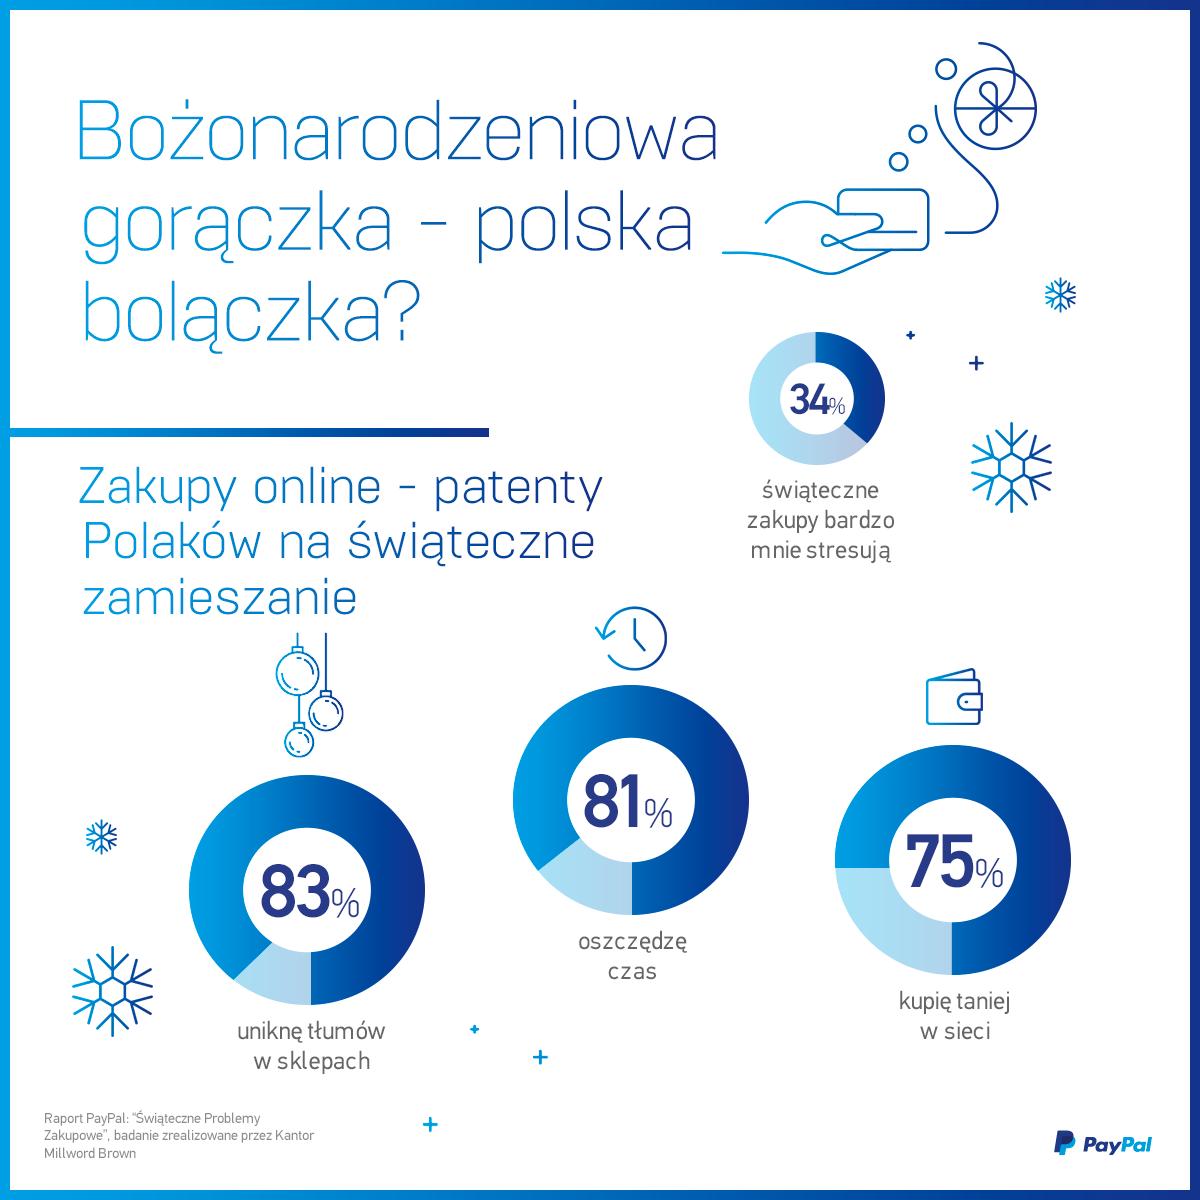 Bożonarodzeniowa gorączka – polska bolączka?